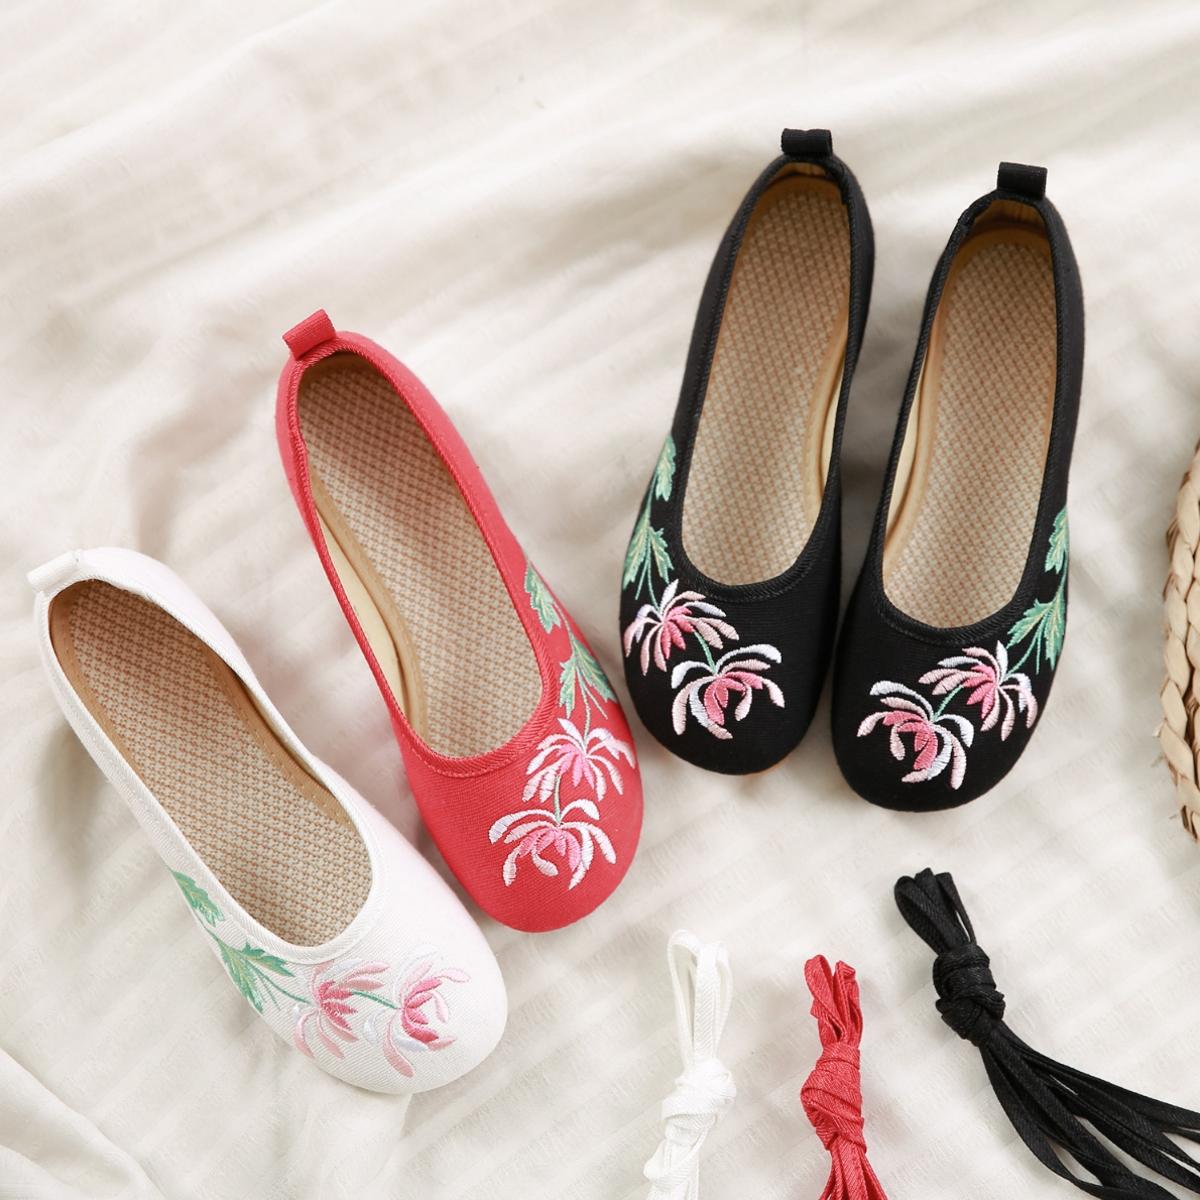 低跟坡跟鞋 老北京女布鞋复古汉服鞋春夏小坡跟古装绣花鞋古风低跟系带女单鞋_推荐淘宝好看的低跟坡跟鞋